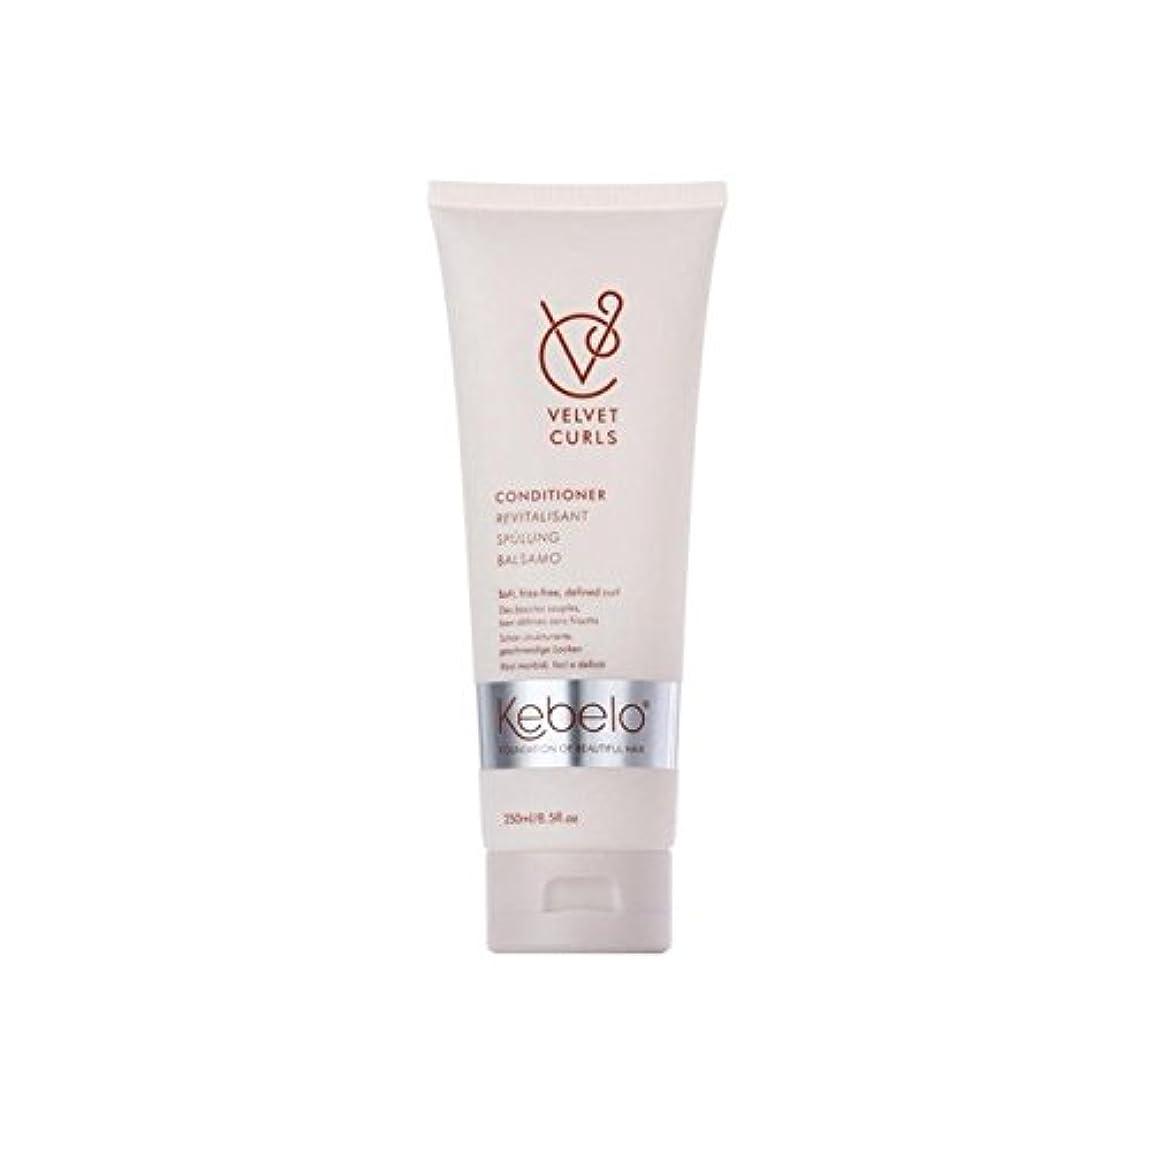 島昇る潤滑するKebelo Velvet Curls Conditioner (250ml) - ベルベットのカールコンディショナー(250ミリリットル) [並行輸入品]